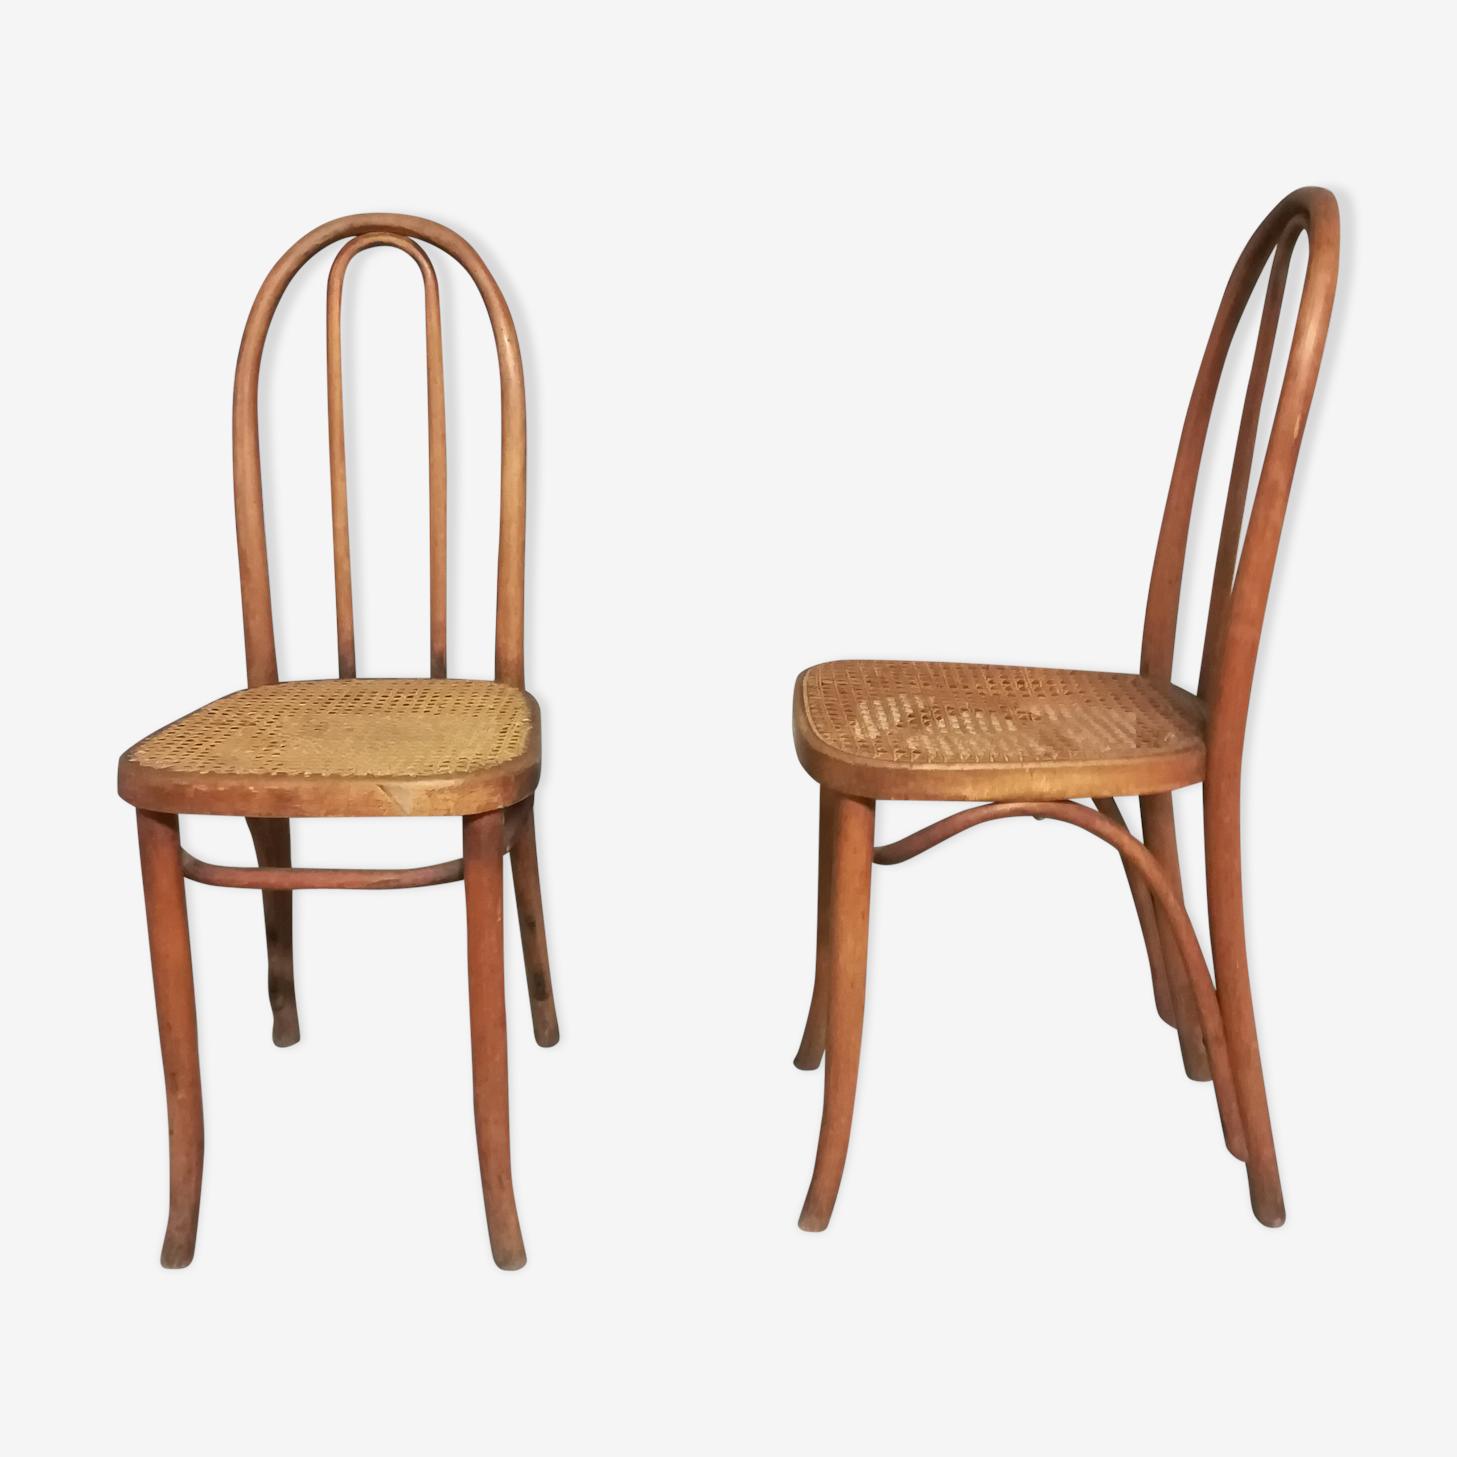 2 Thonet chairs